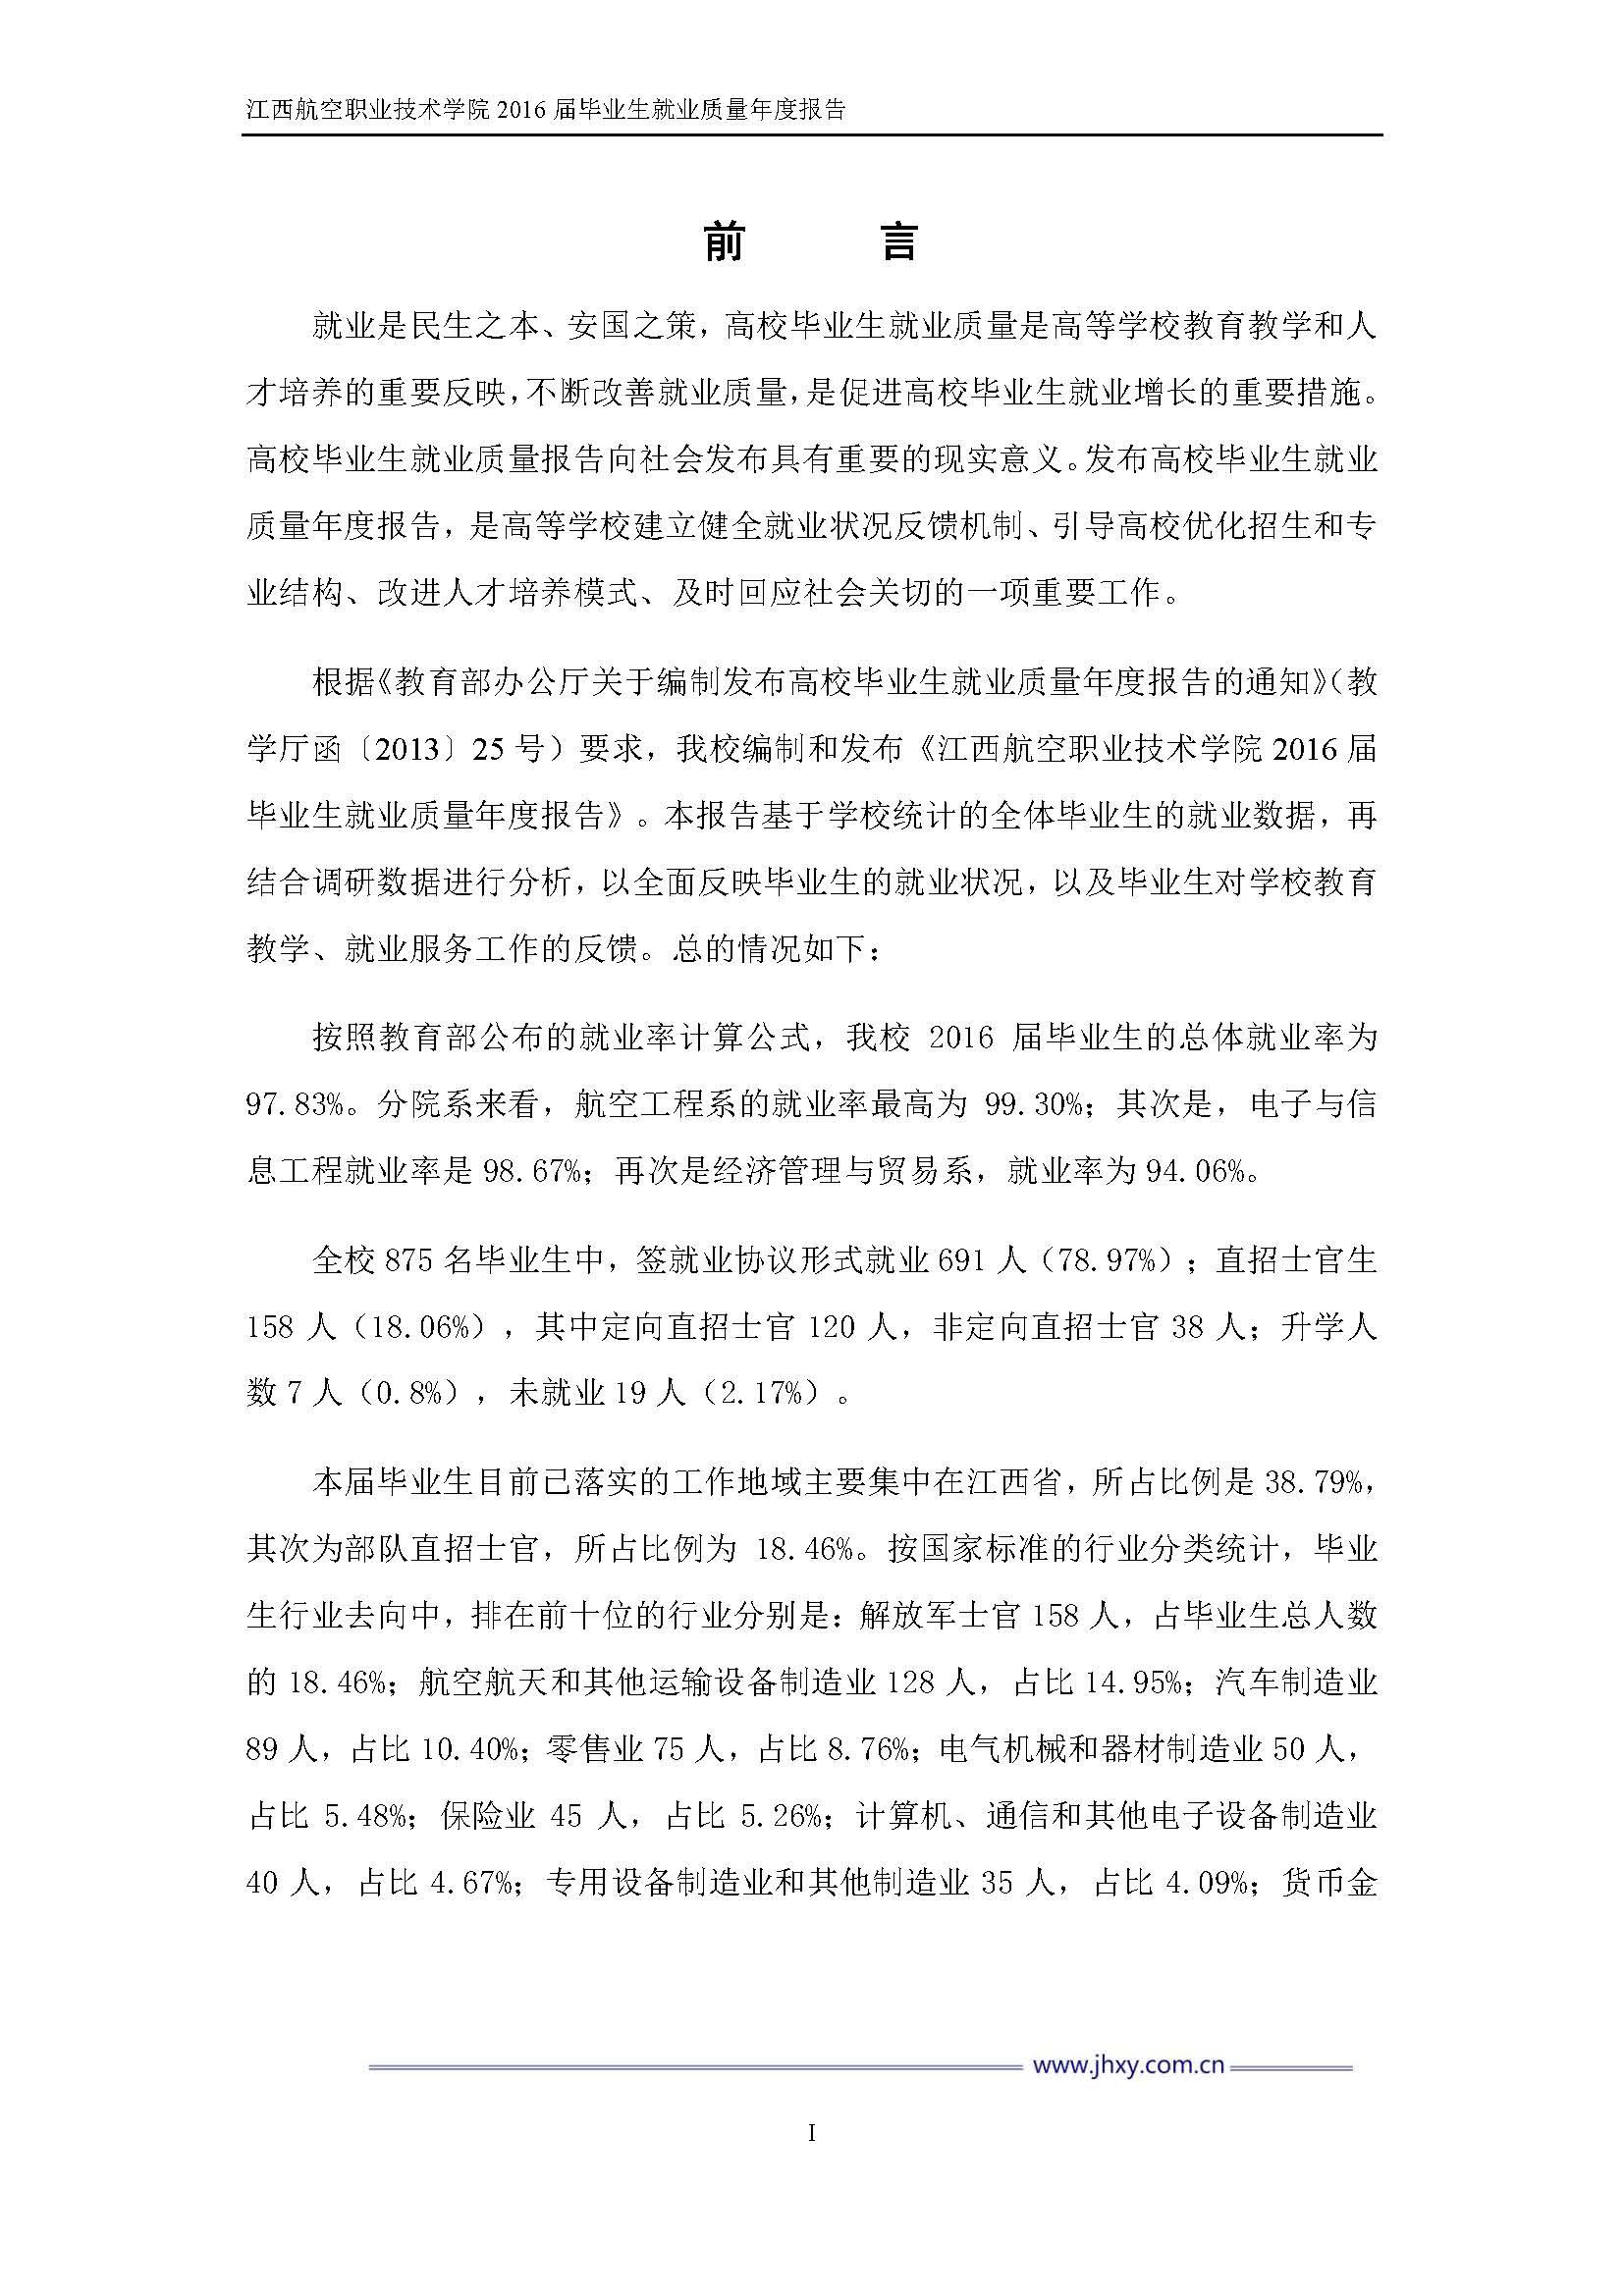 江西航空职业技术学院2016届毕业生就业质量年度报告_Page_02.jpg